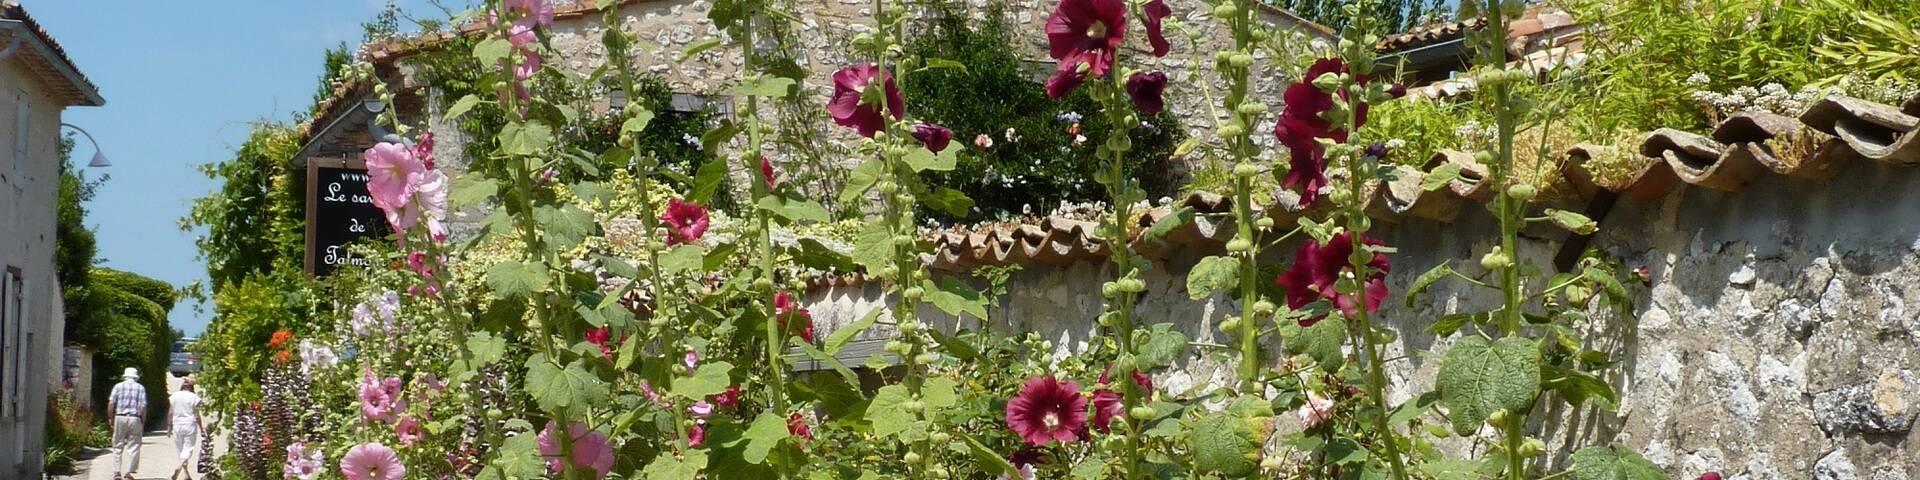 Roses trémières dans les rues de Talmont sur Gironde - ©P.Migaud / FDHPA17